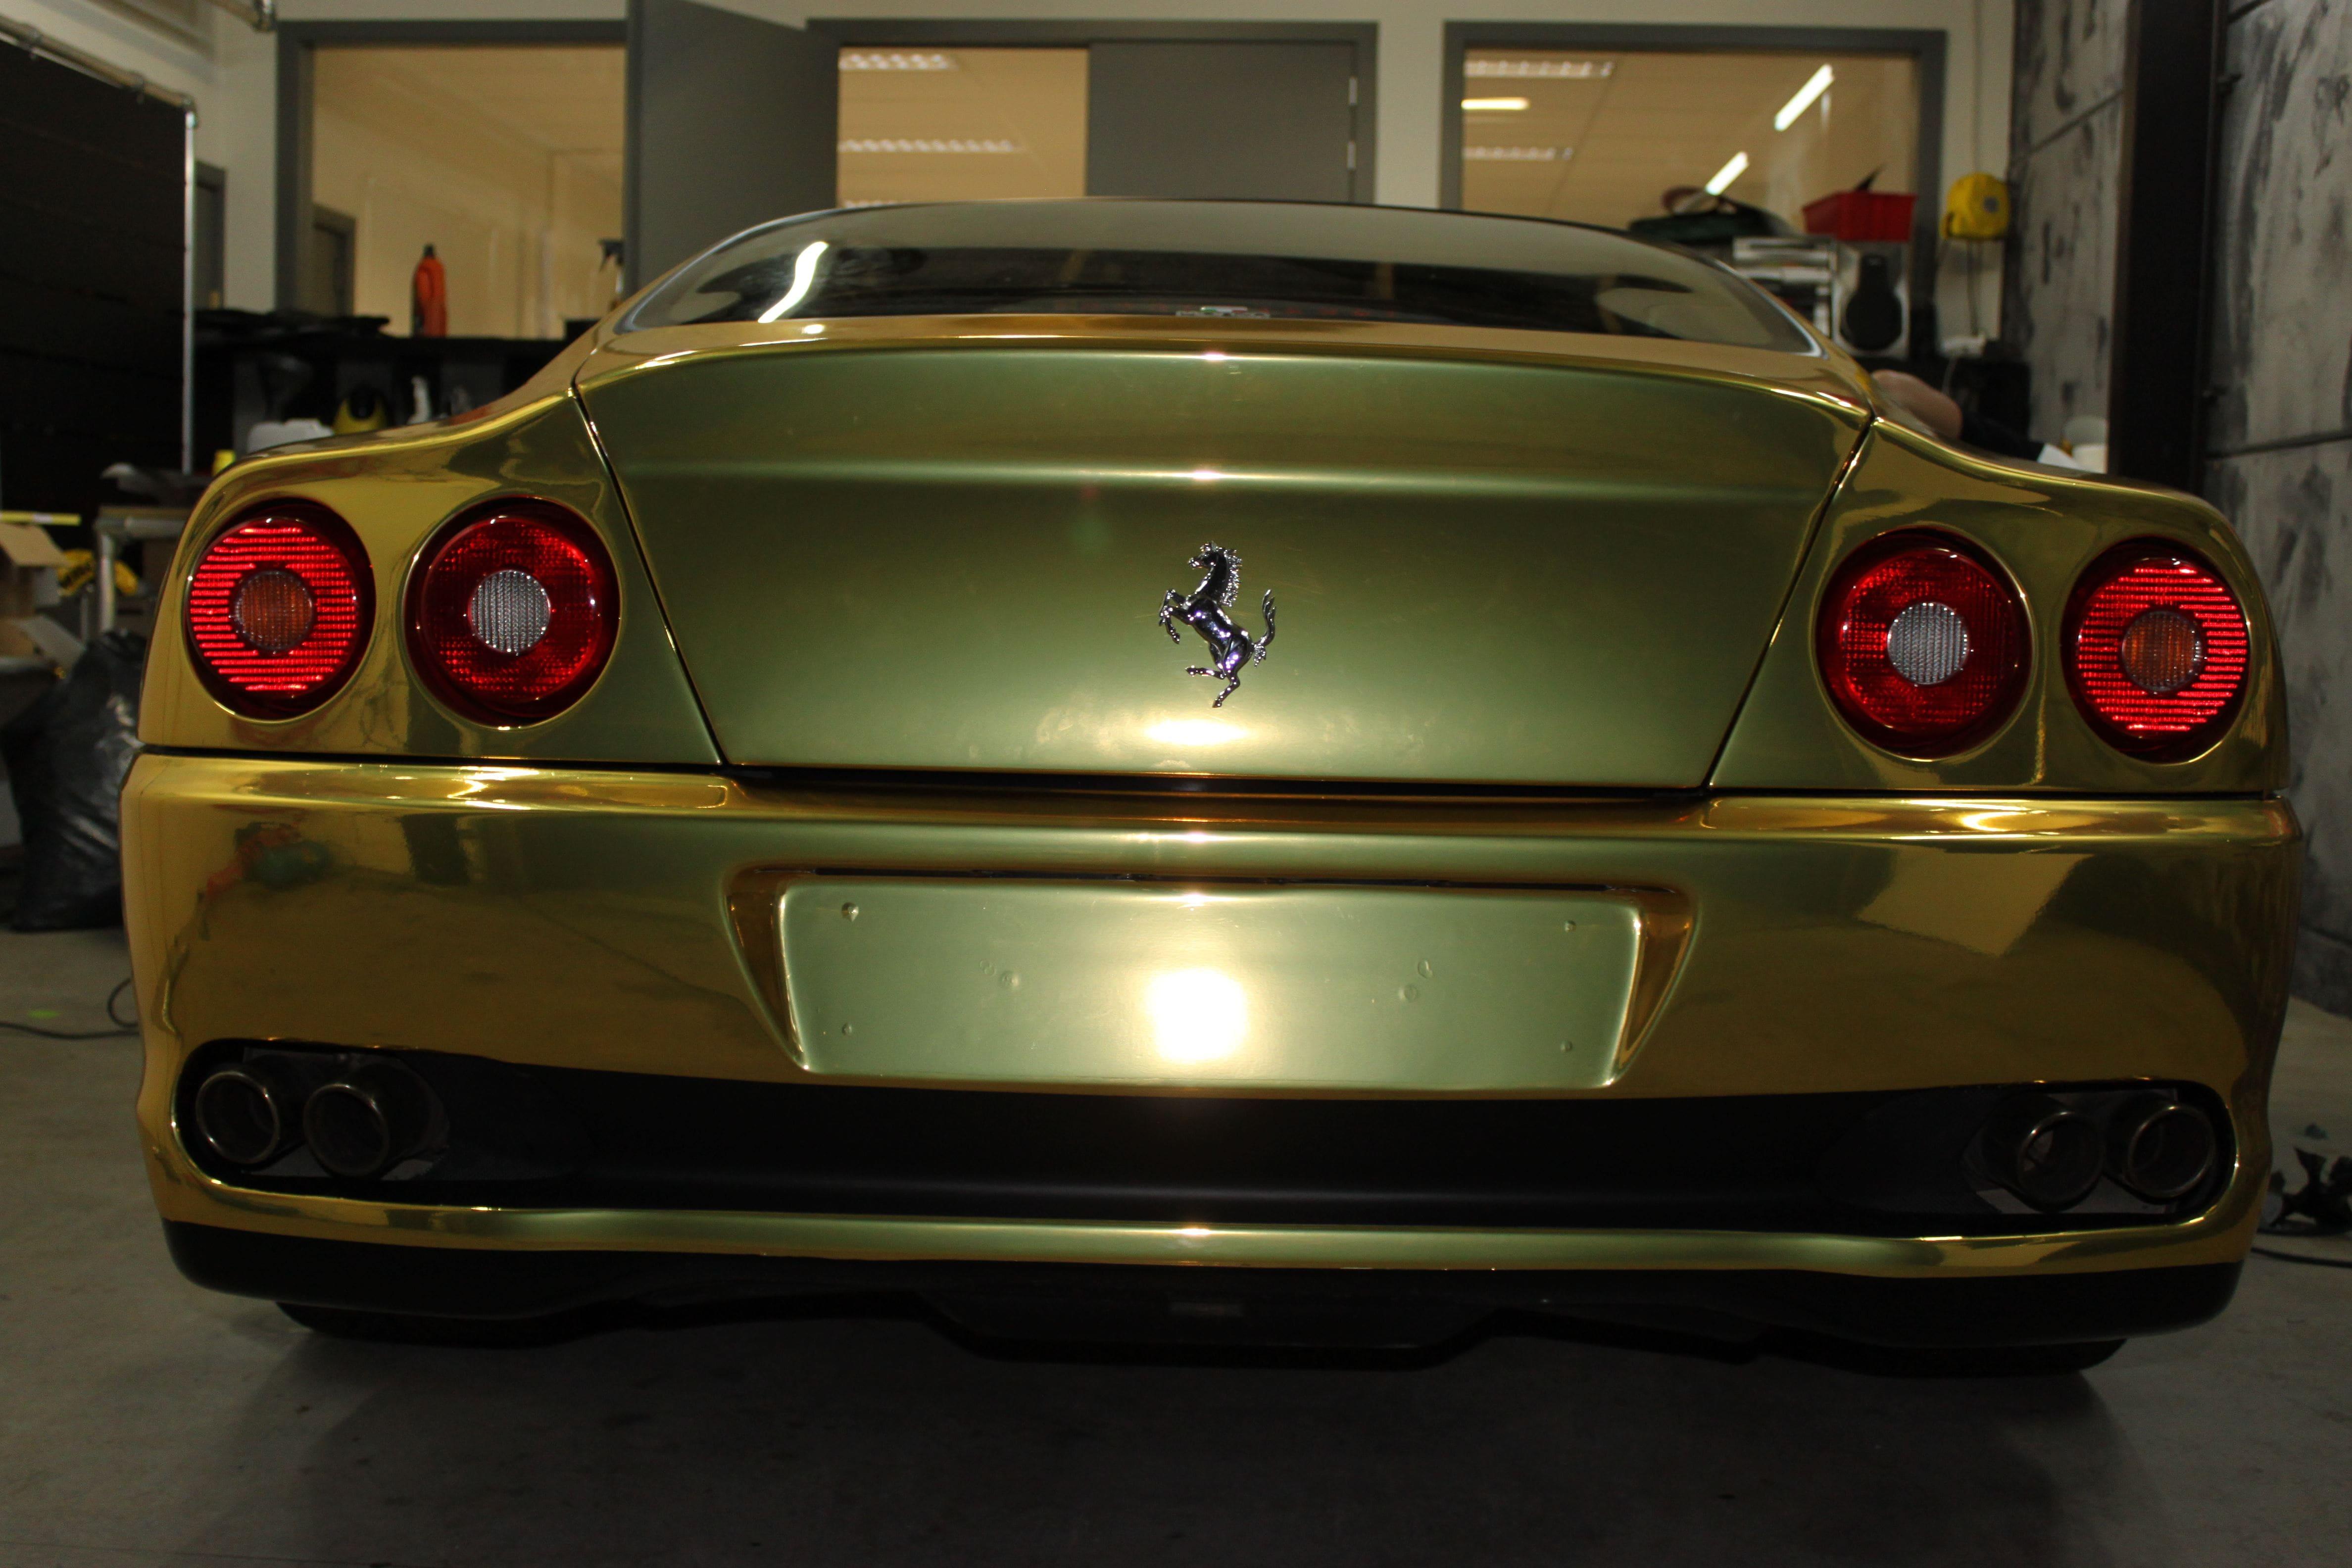 Ferrari 575 met Goud Chrome Wrap., Carwrapping door Wrapmyride.nu Foto-nr:5707, ©2021